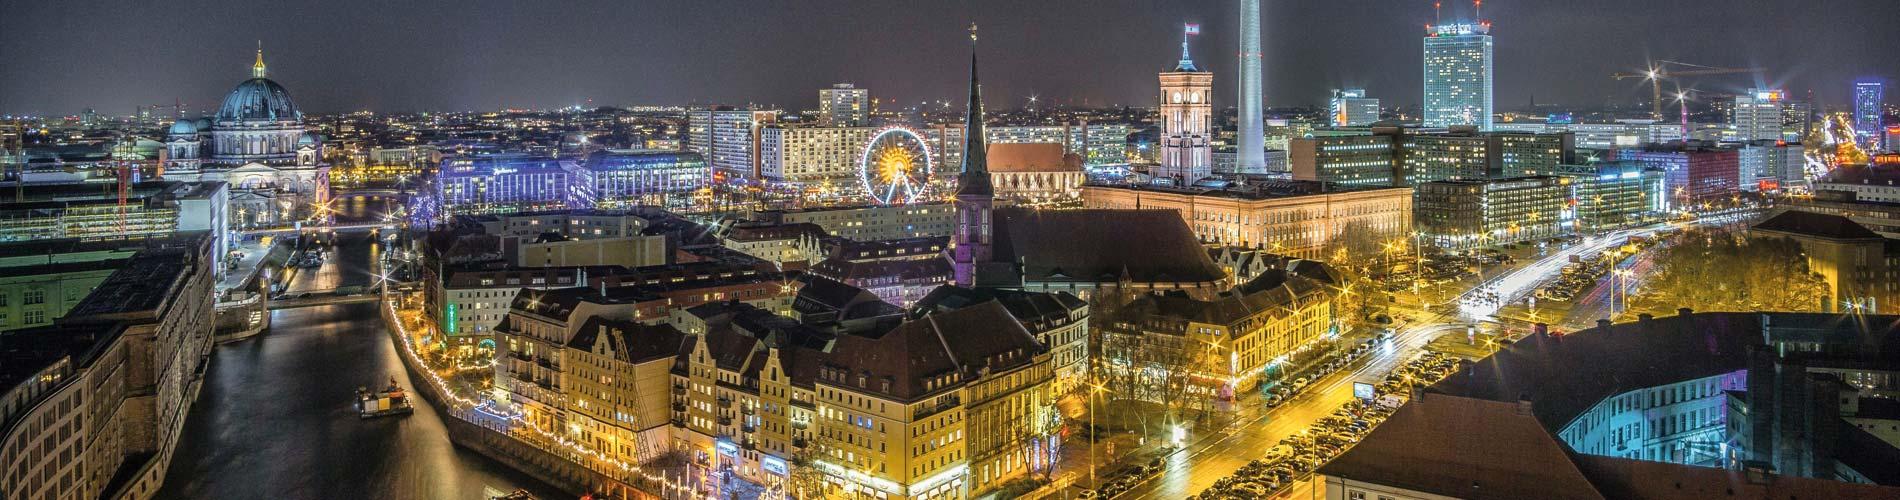 NYECities_Blog_1900x500_Berlin